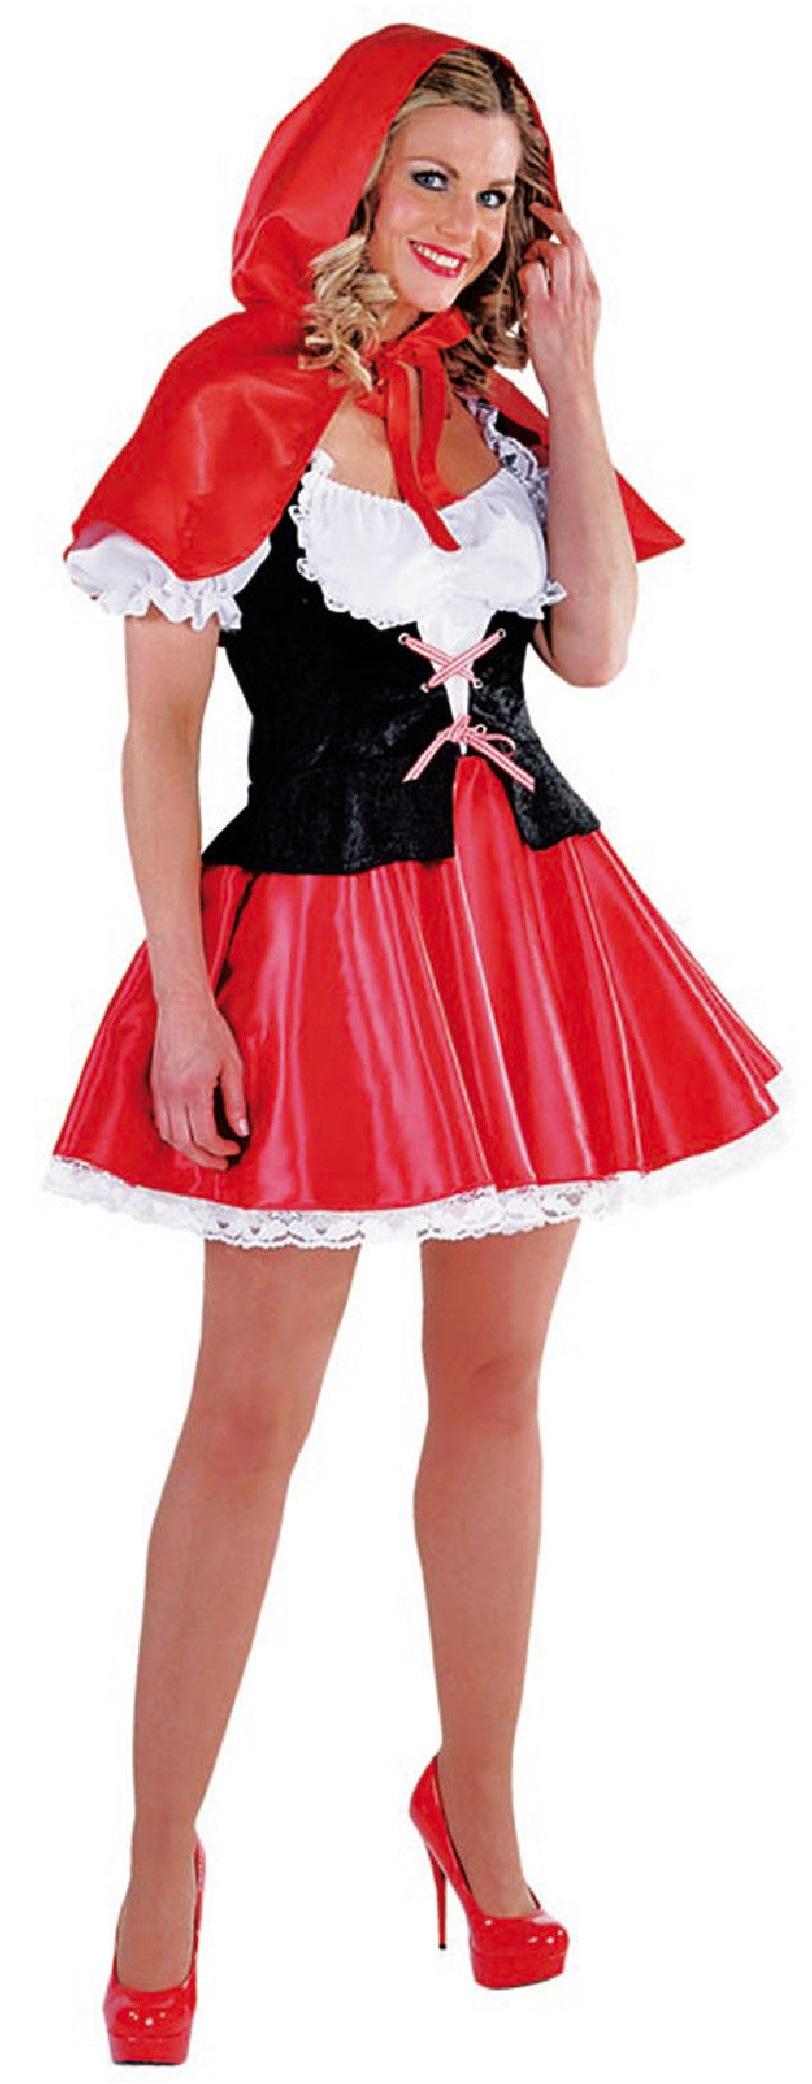 der shop für karnevalskostüme mottopartys accessoires und